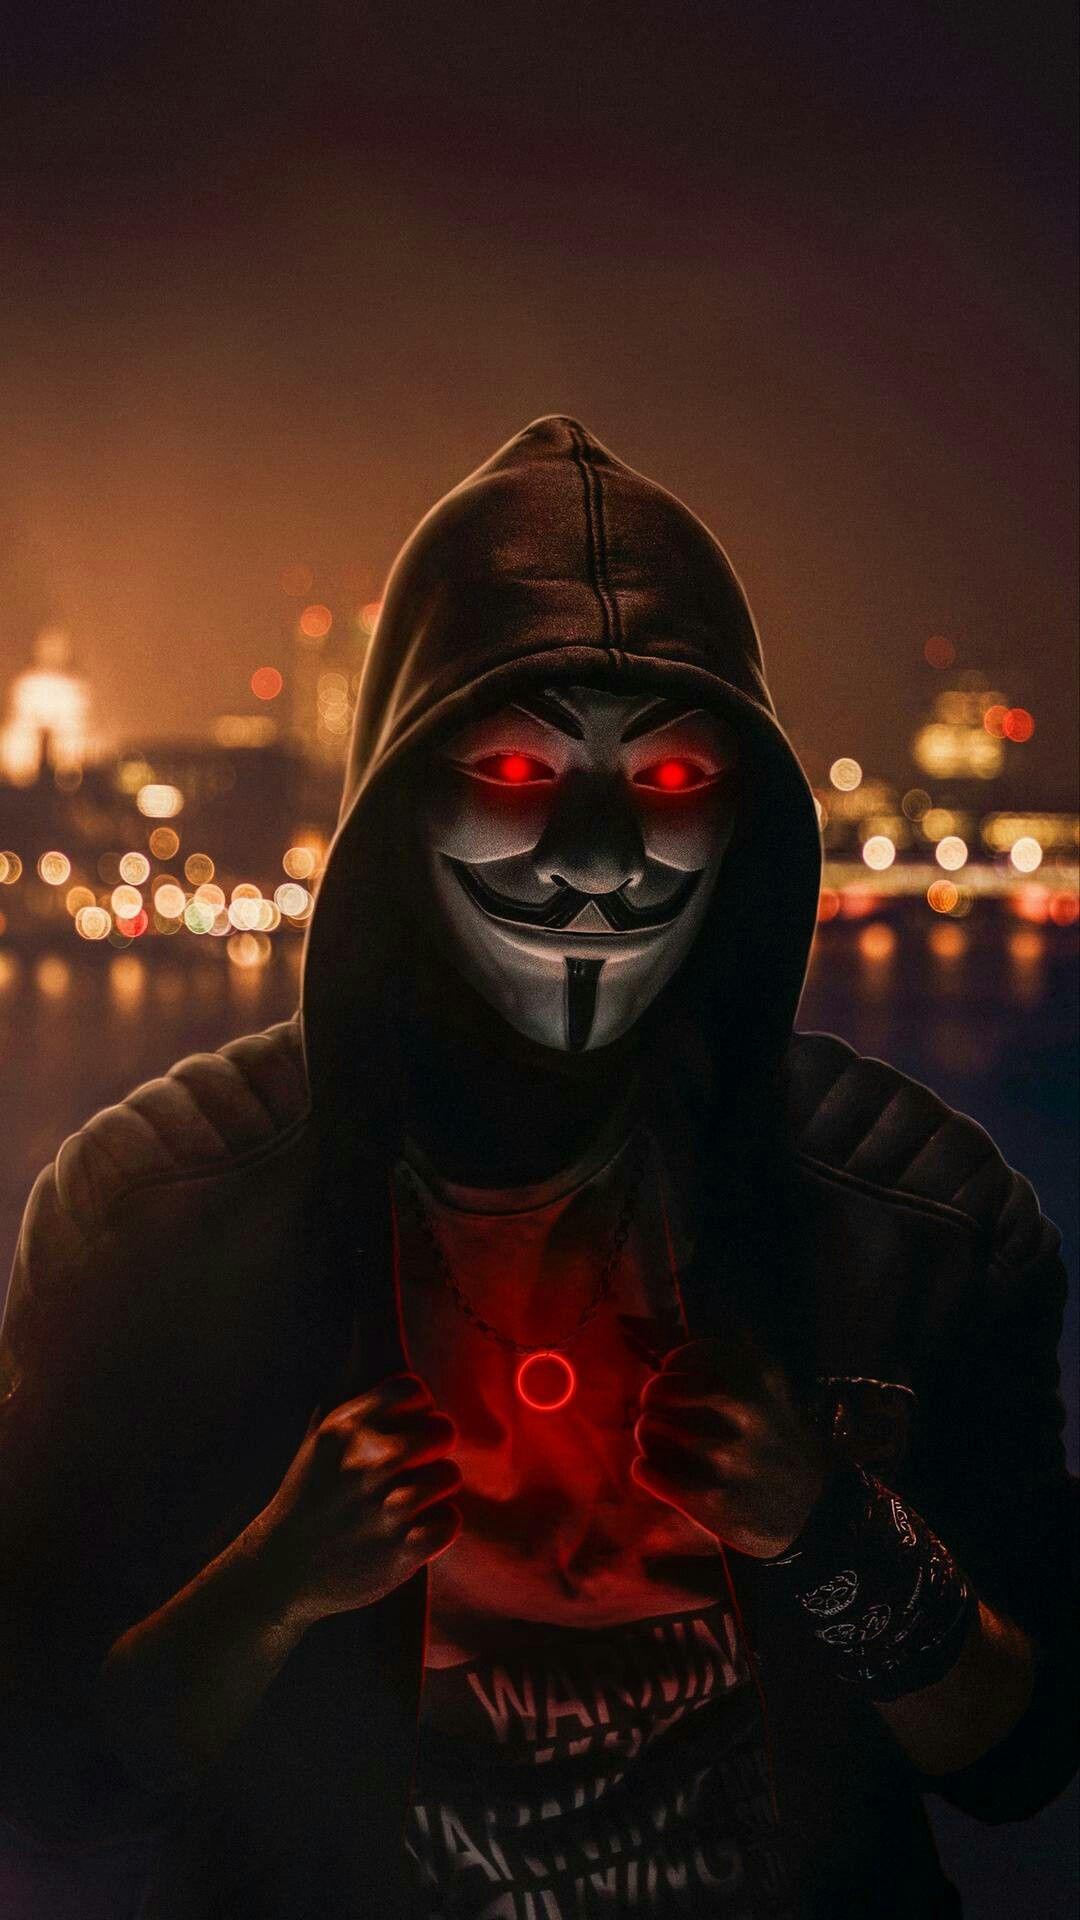 Pin On Mask Joker mask man wallpaper hd download